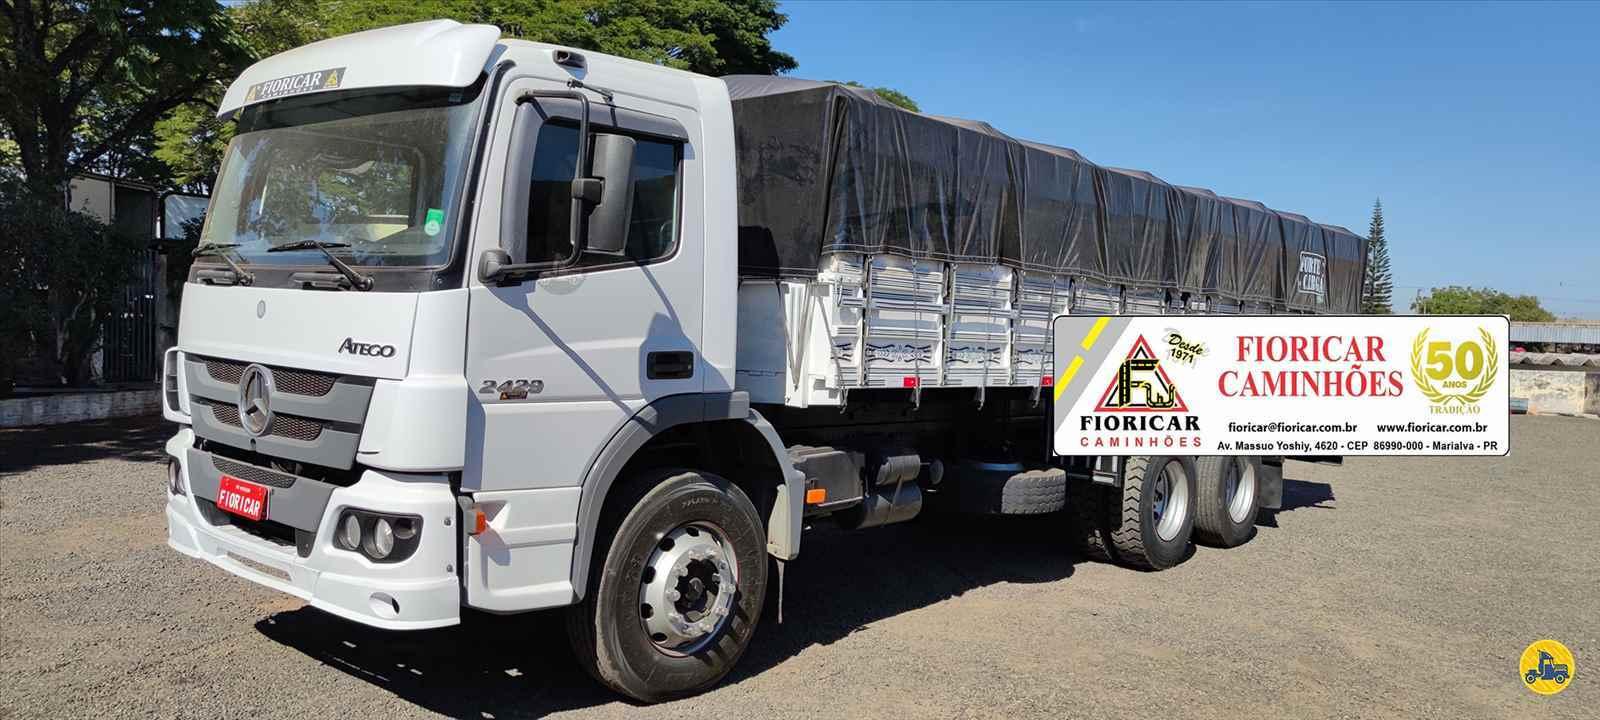 CAMINHAO MERCEDES-BENZ MB 2429 Graneleiro Truck 6x2 Fioricar Caminhões MARIALVA PARANÁ PR